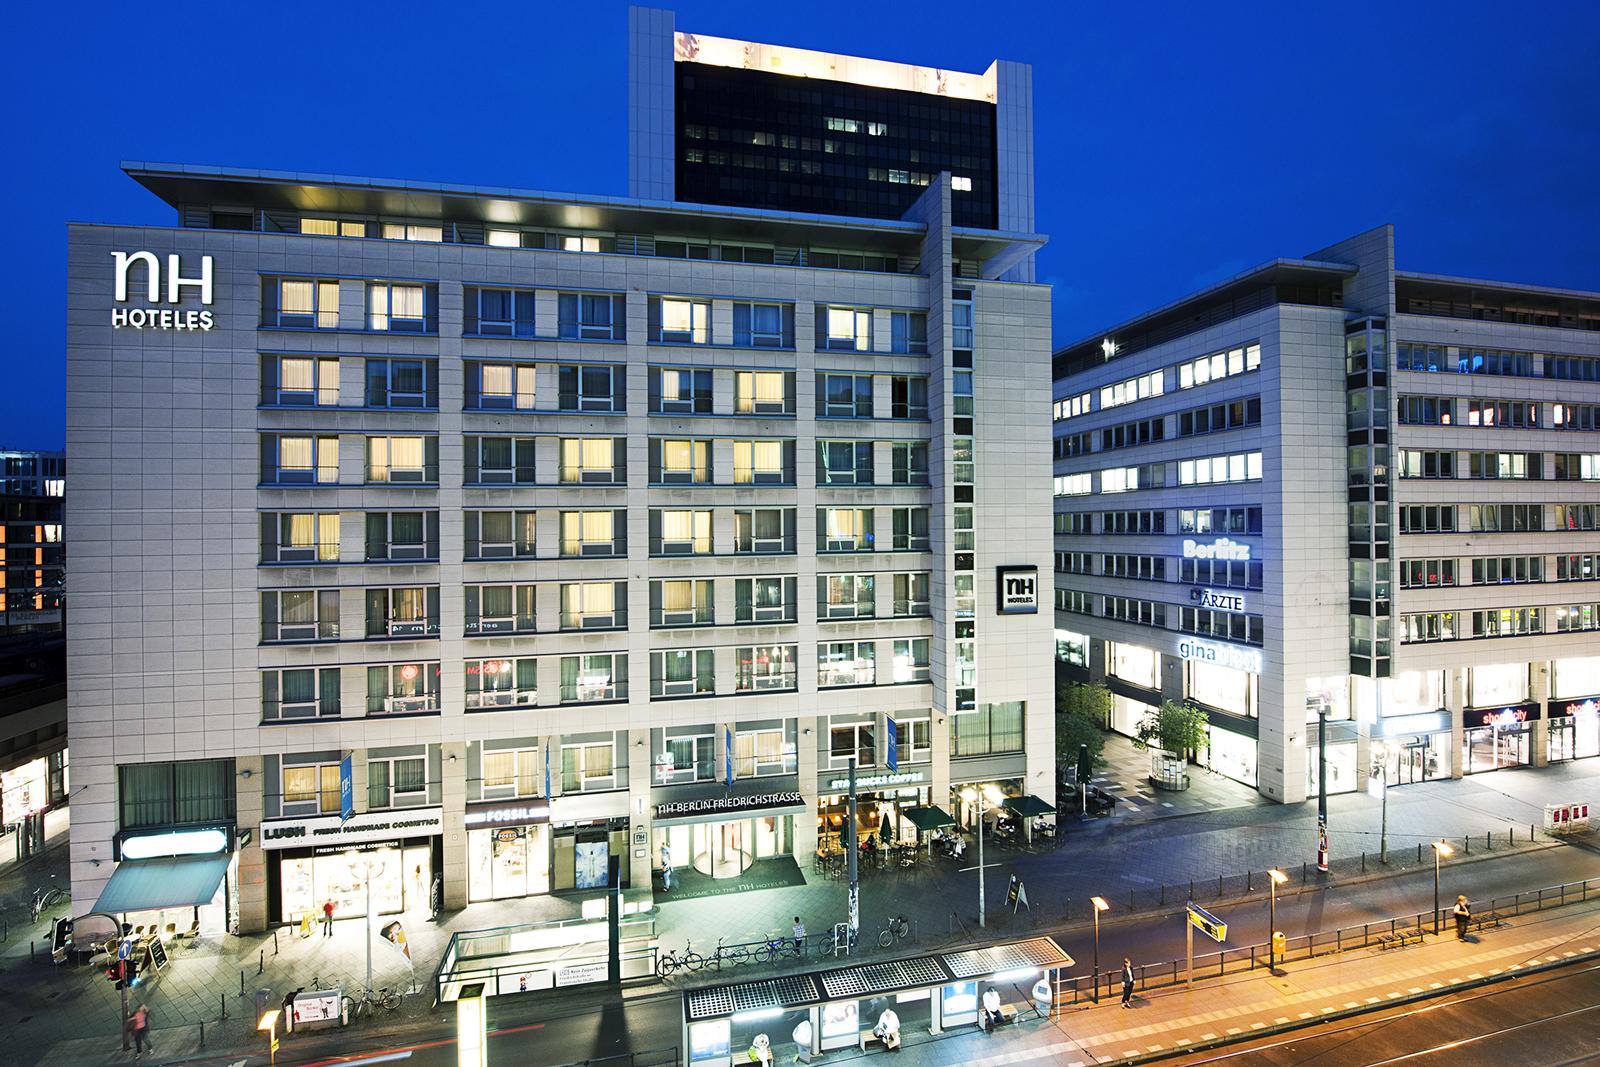 Nh Hotel Berlin Friedrichstrasse